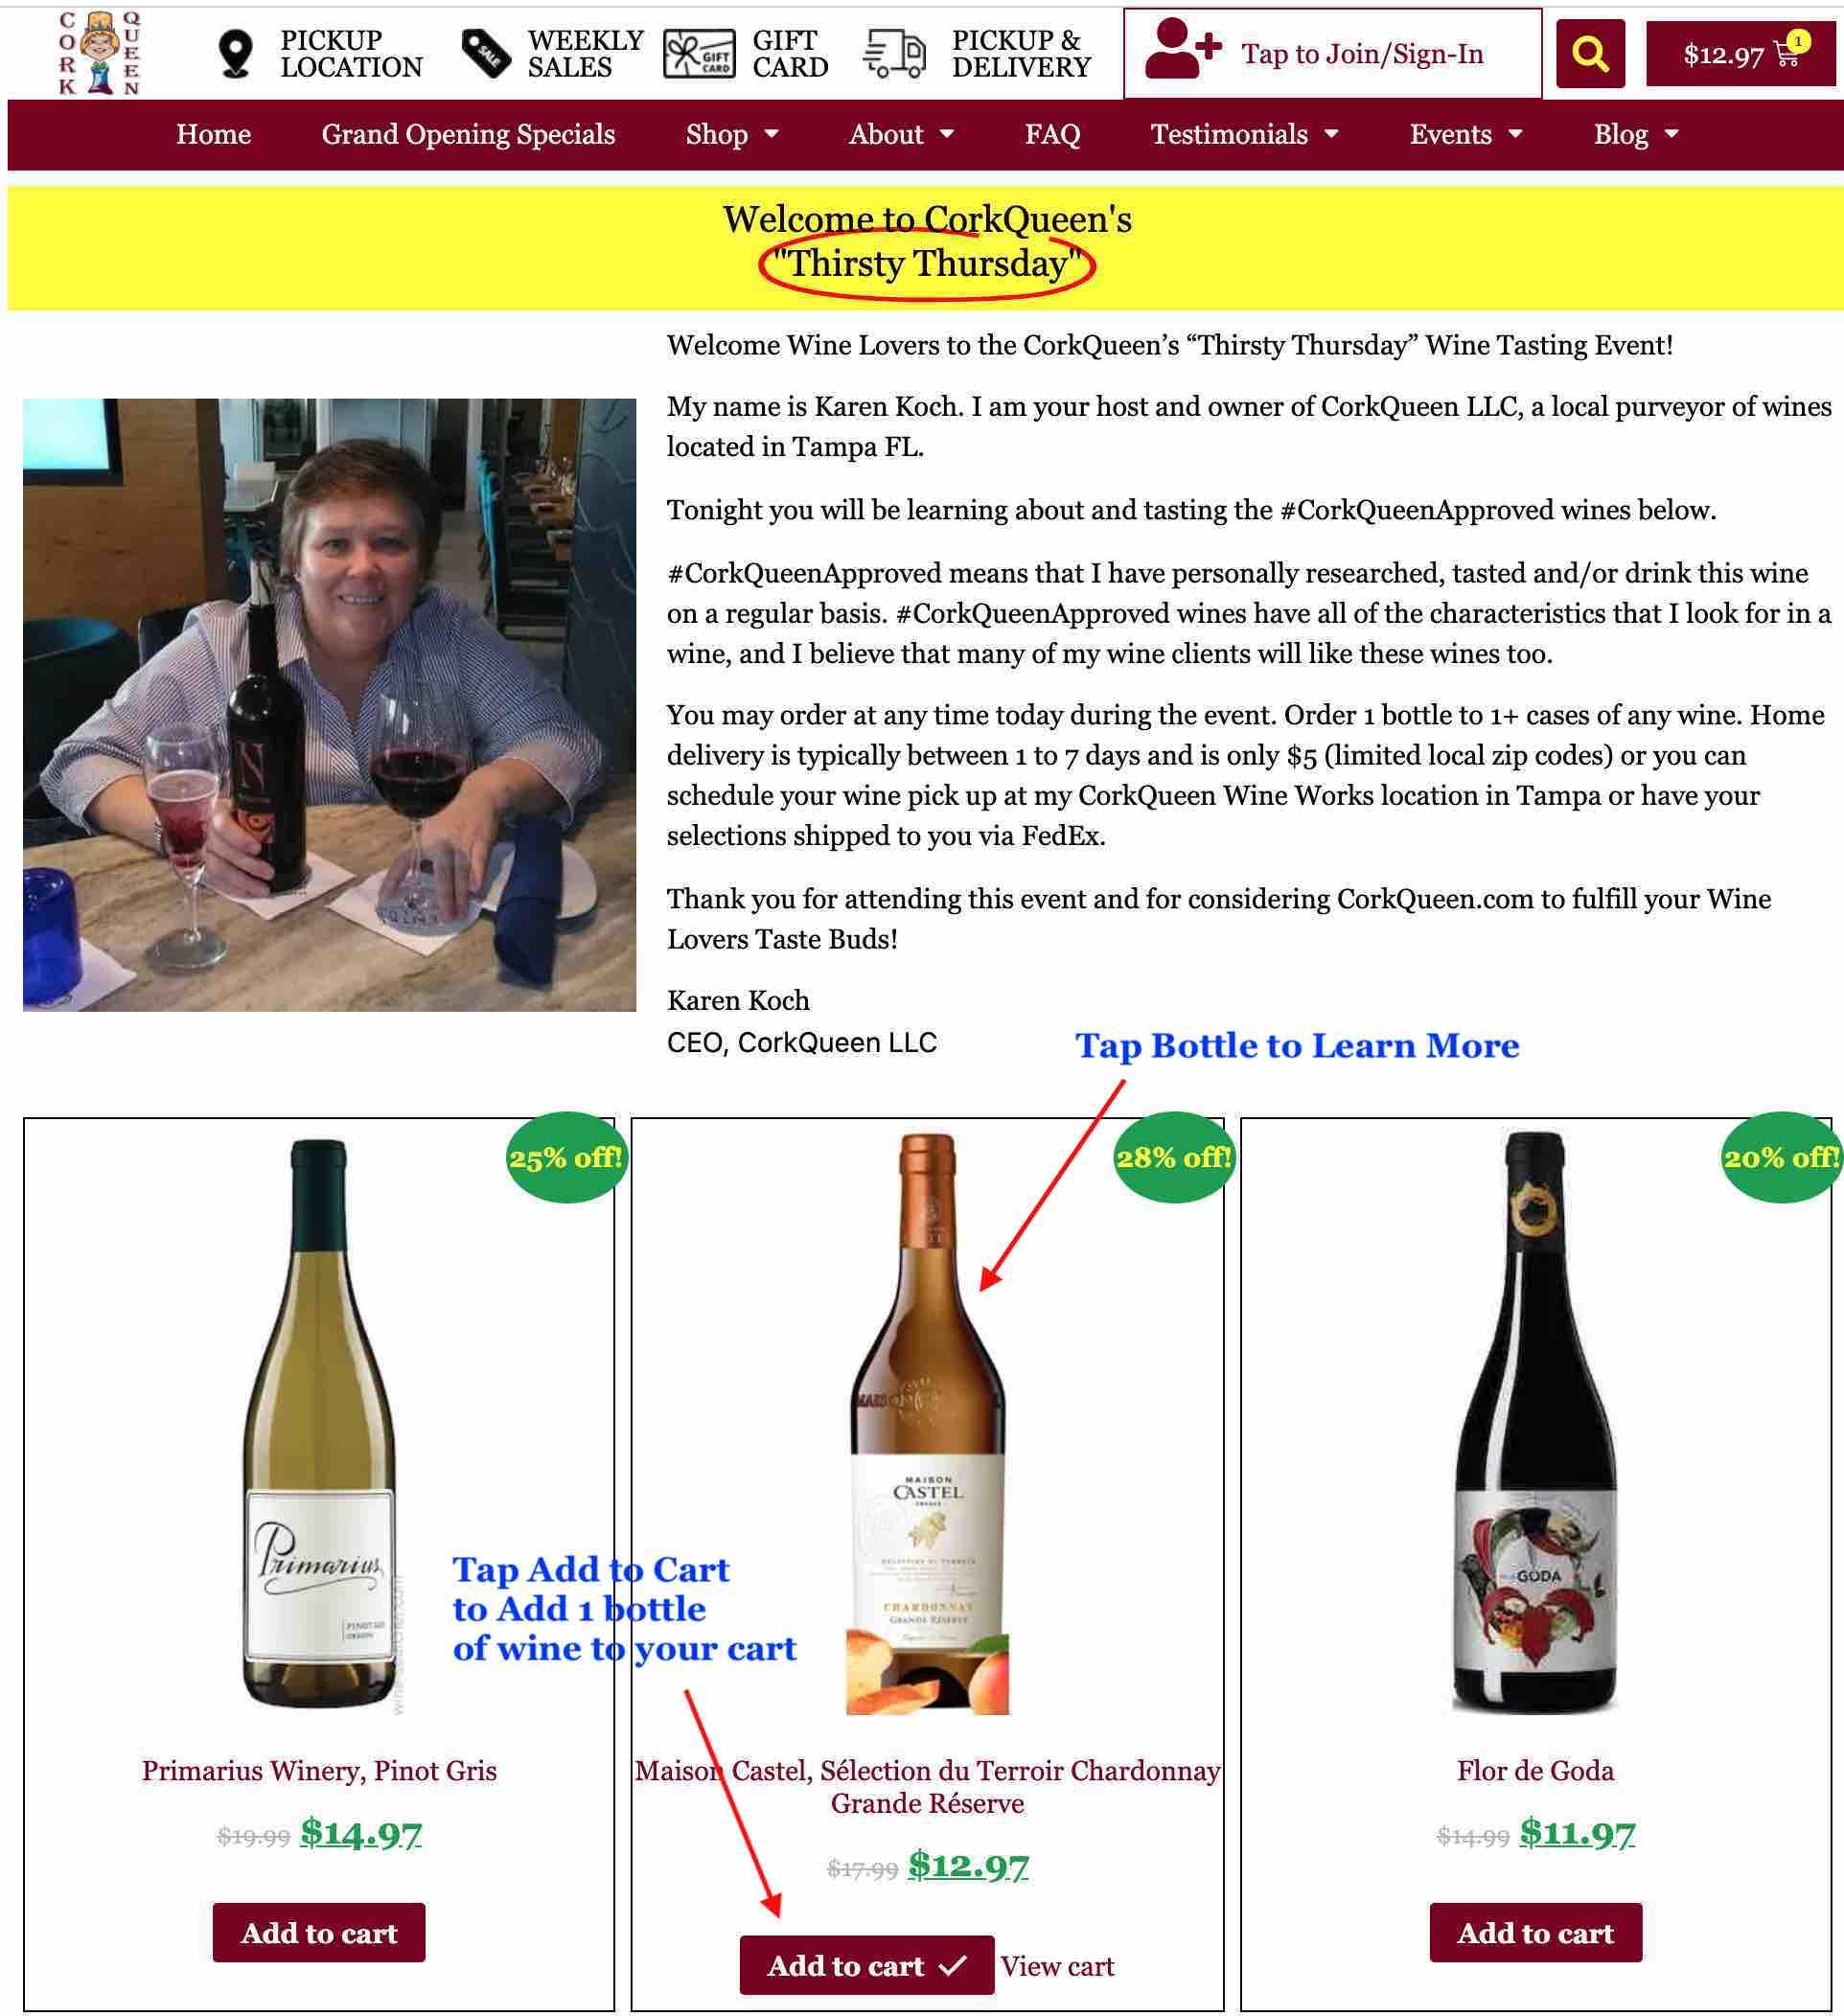 Order Wine - Step 3